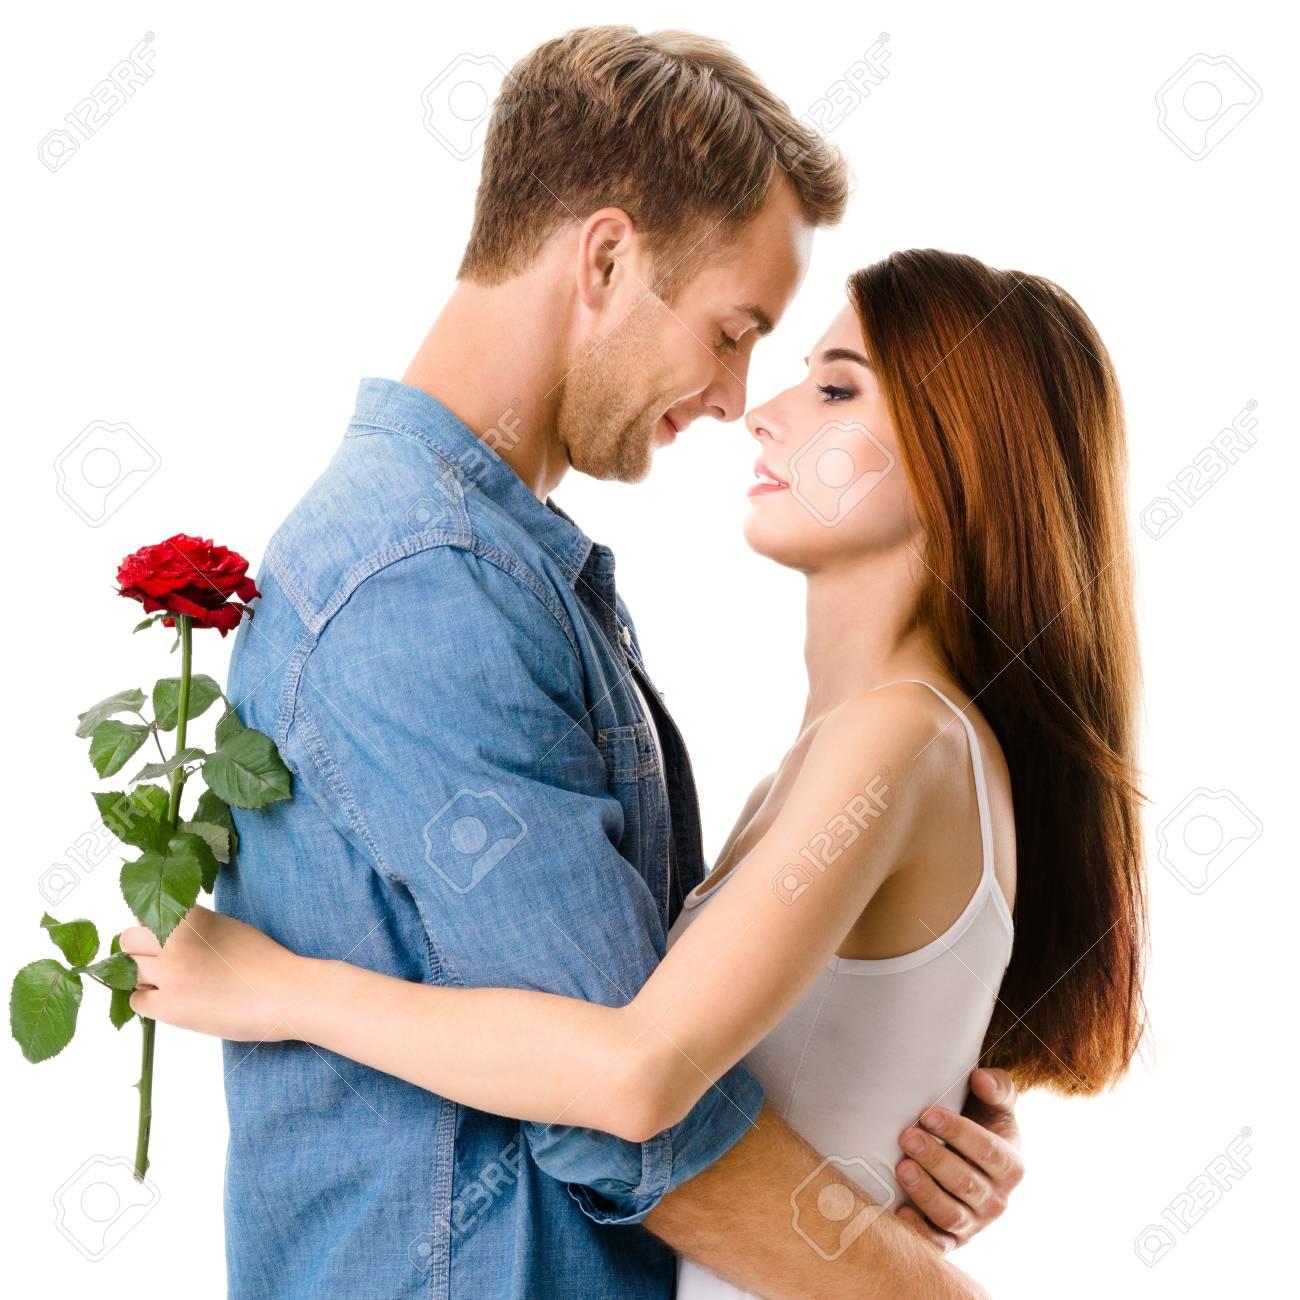 Cote Profil Jeune Etreindre Couple Heureux Avec Des Fleurs Pres